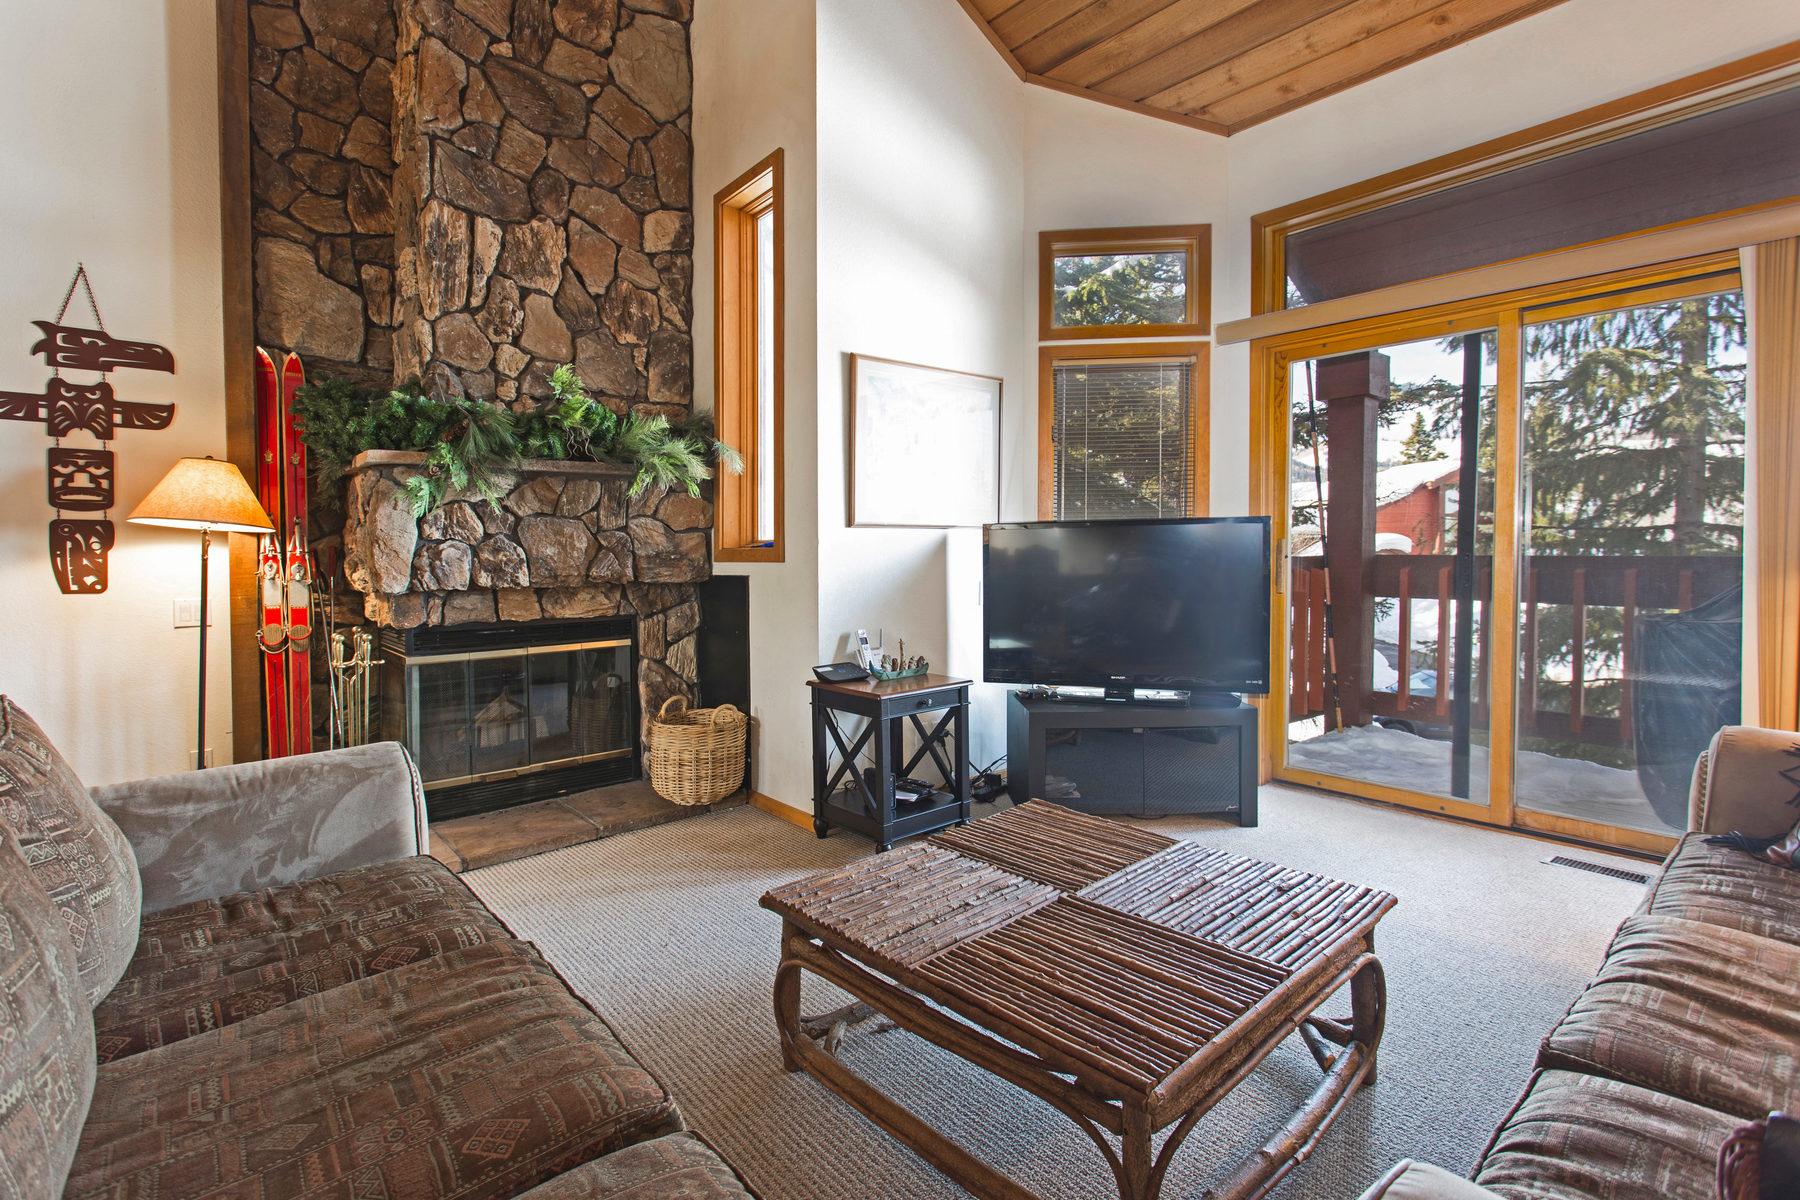 타운하우스 용 매매 에 Nicely Updated. Easy Ski Access. 7956 Ridgepoint Dr #132 Park City, 유타, 84060 미국